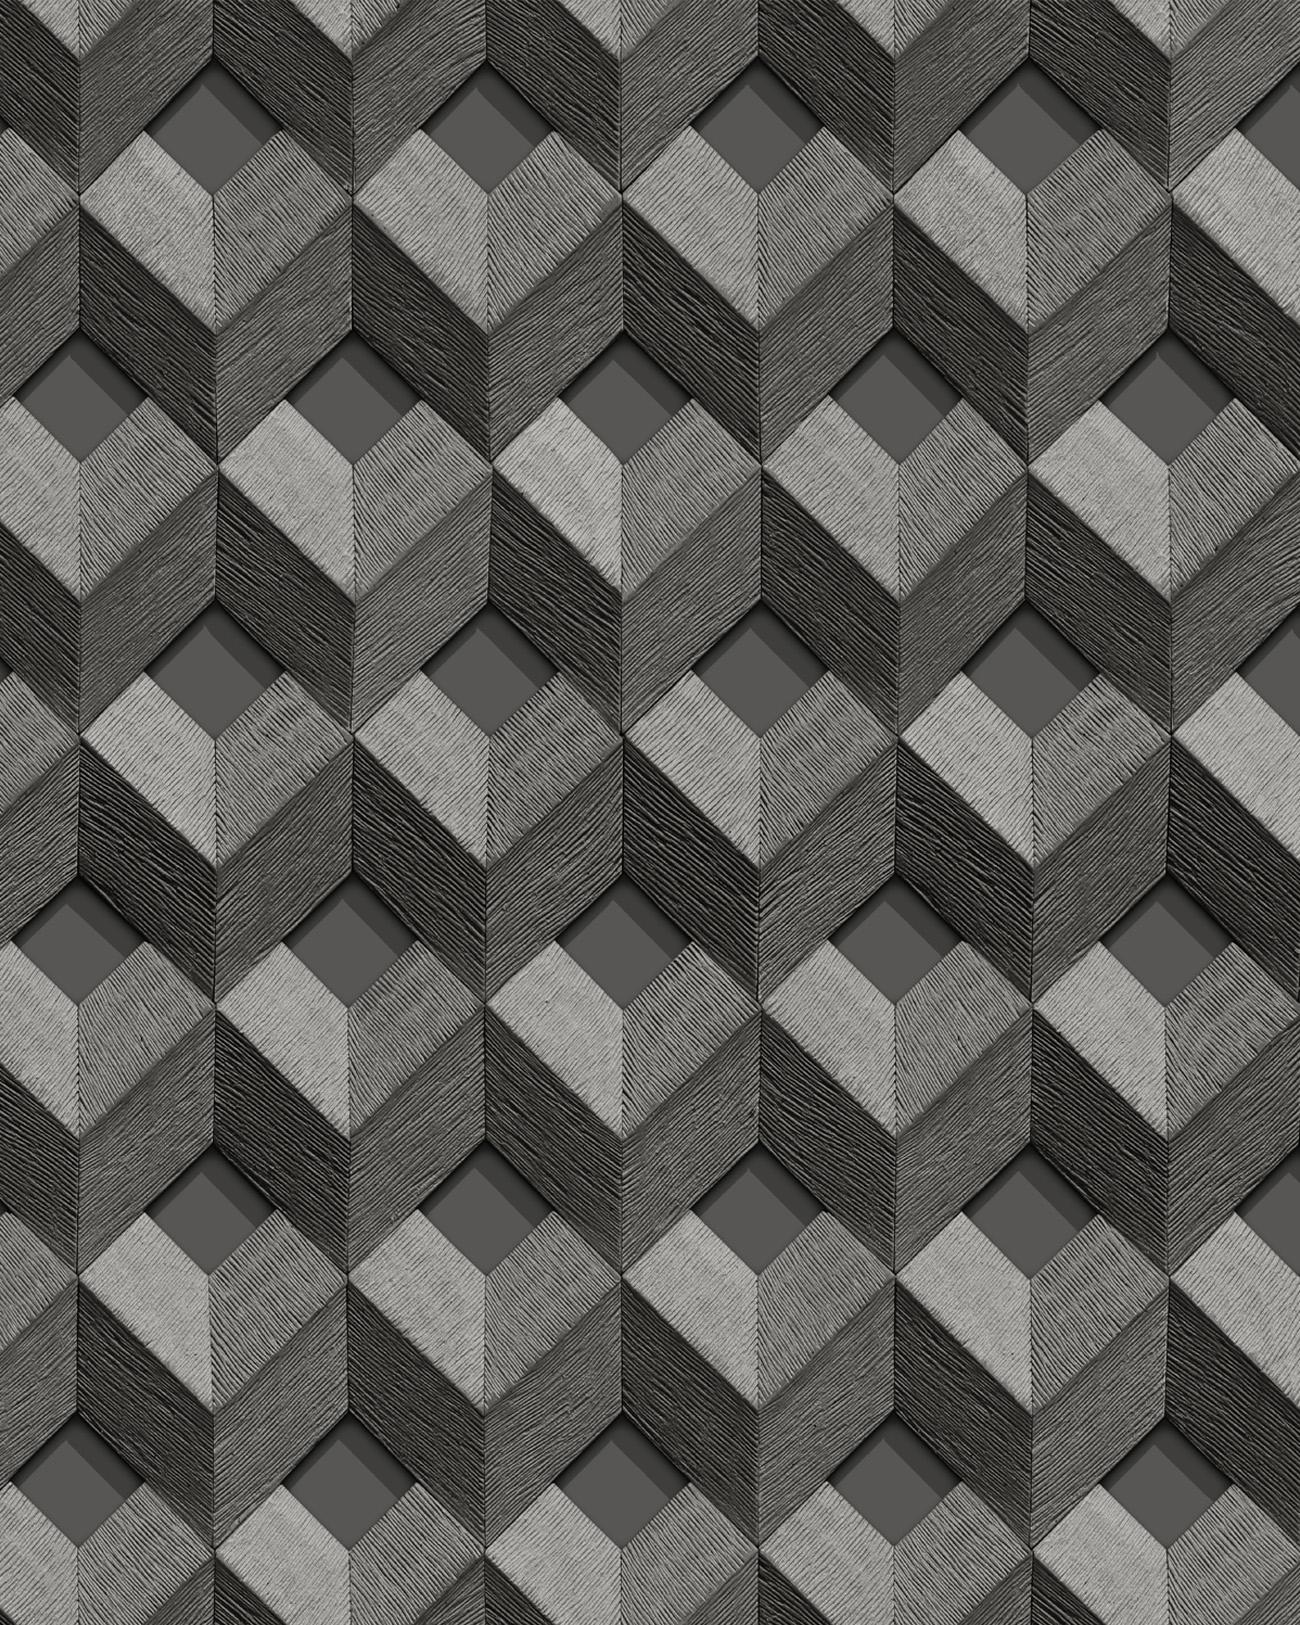 Papier Gaufré À Peindre papier peint 3d profhome de120133-di papier peint intissé gaufré à chaud  gaufré avec un motif de losanges brillant gris anthracite argent 5,33 m2 |